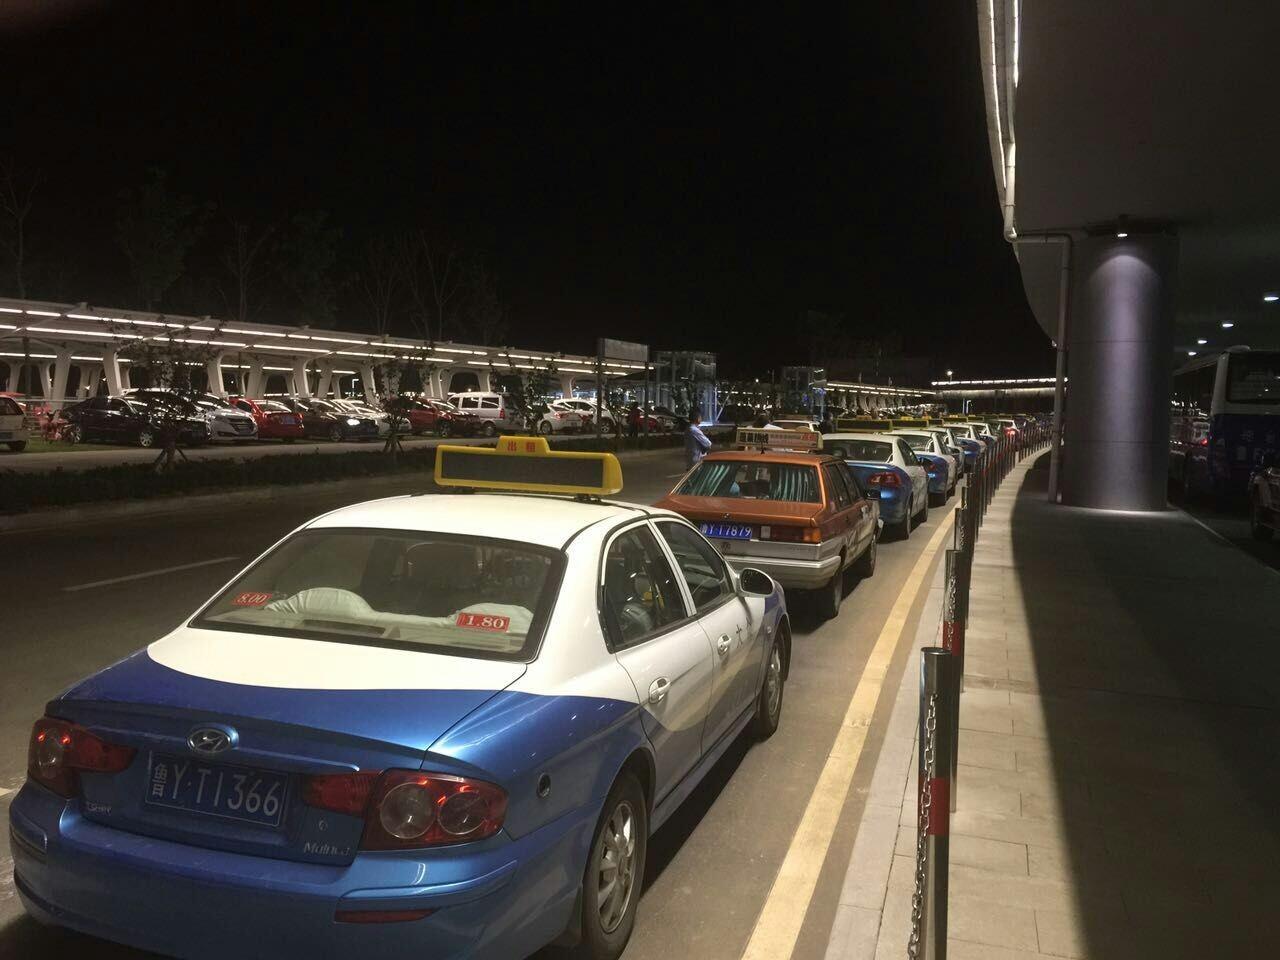 【蓬莱机场】烟台蓬莱国际机场外出租车